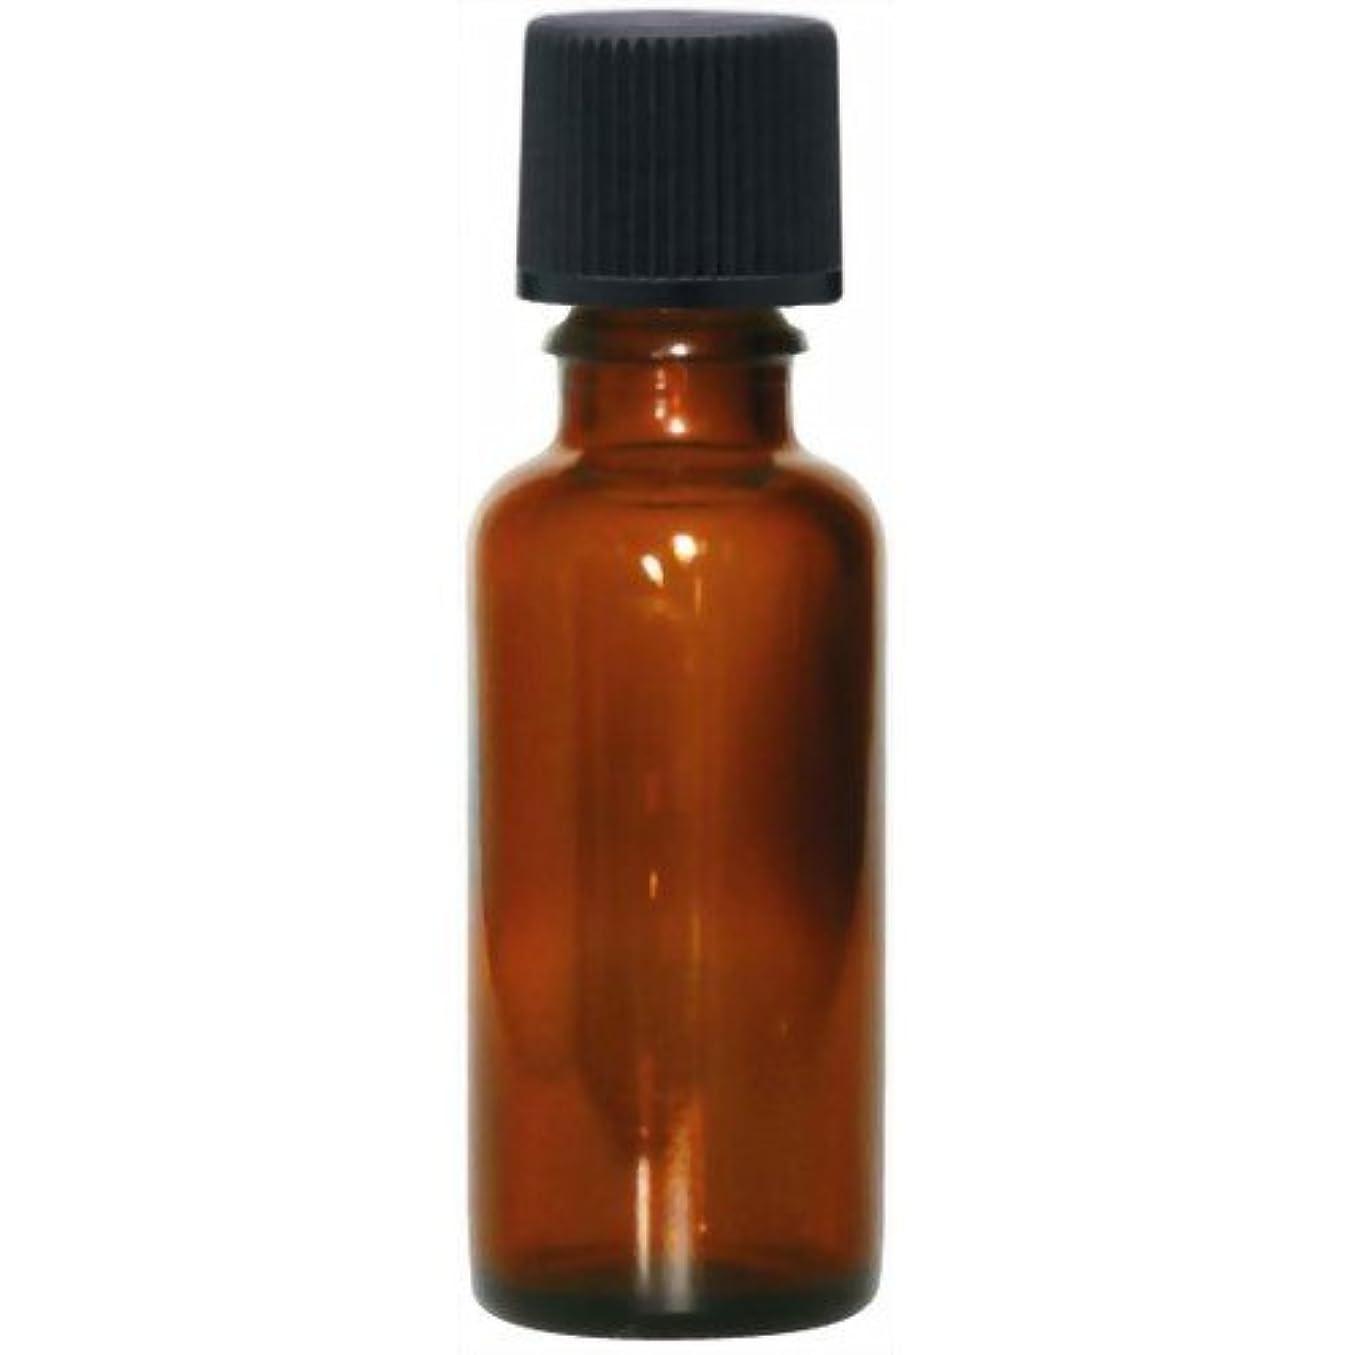 ほのめかす貝殻スラック茶色遮光瓶30ml(黒キャップ)